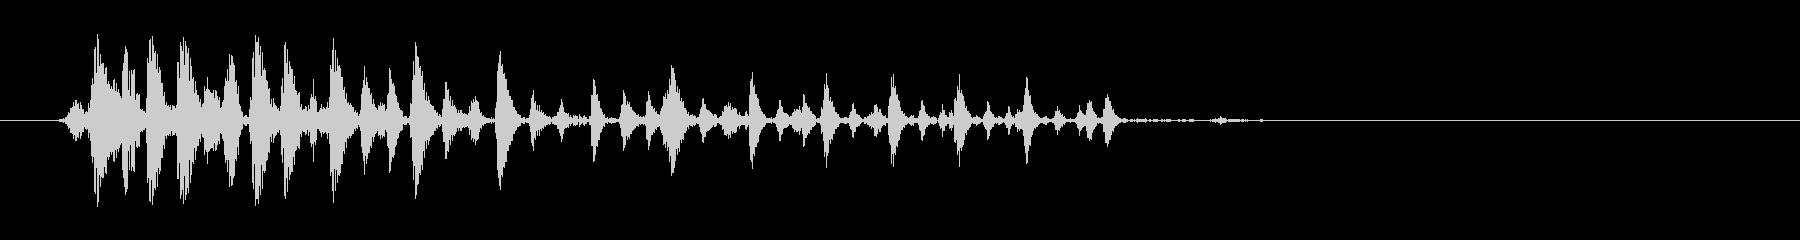 唐突なアヒルの鳴き声の未再生の波形